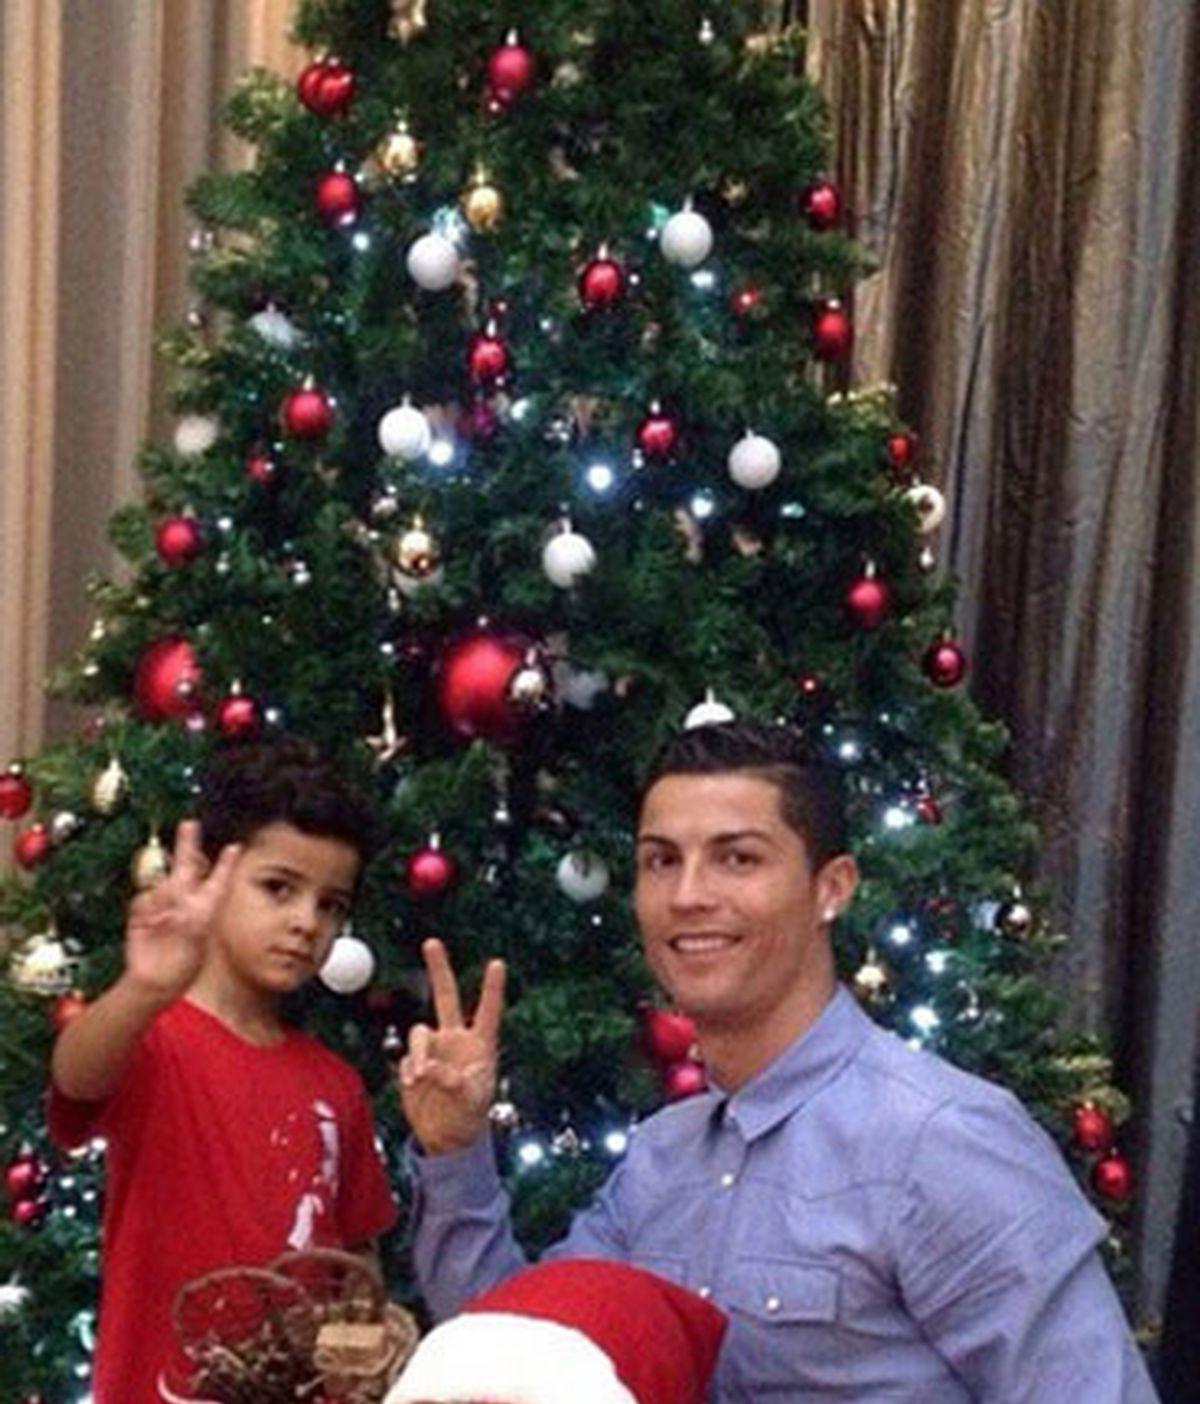 Cristiano Ronaldo empieza a celebrar la Navidad junto a su hijo